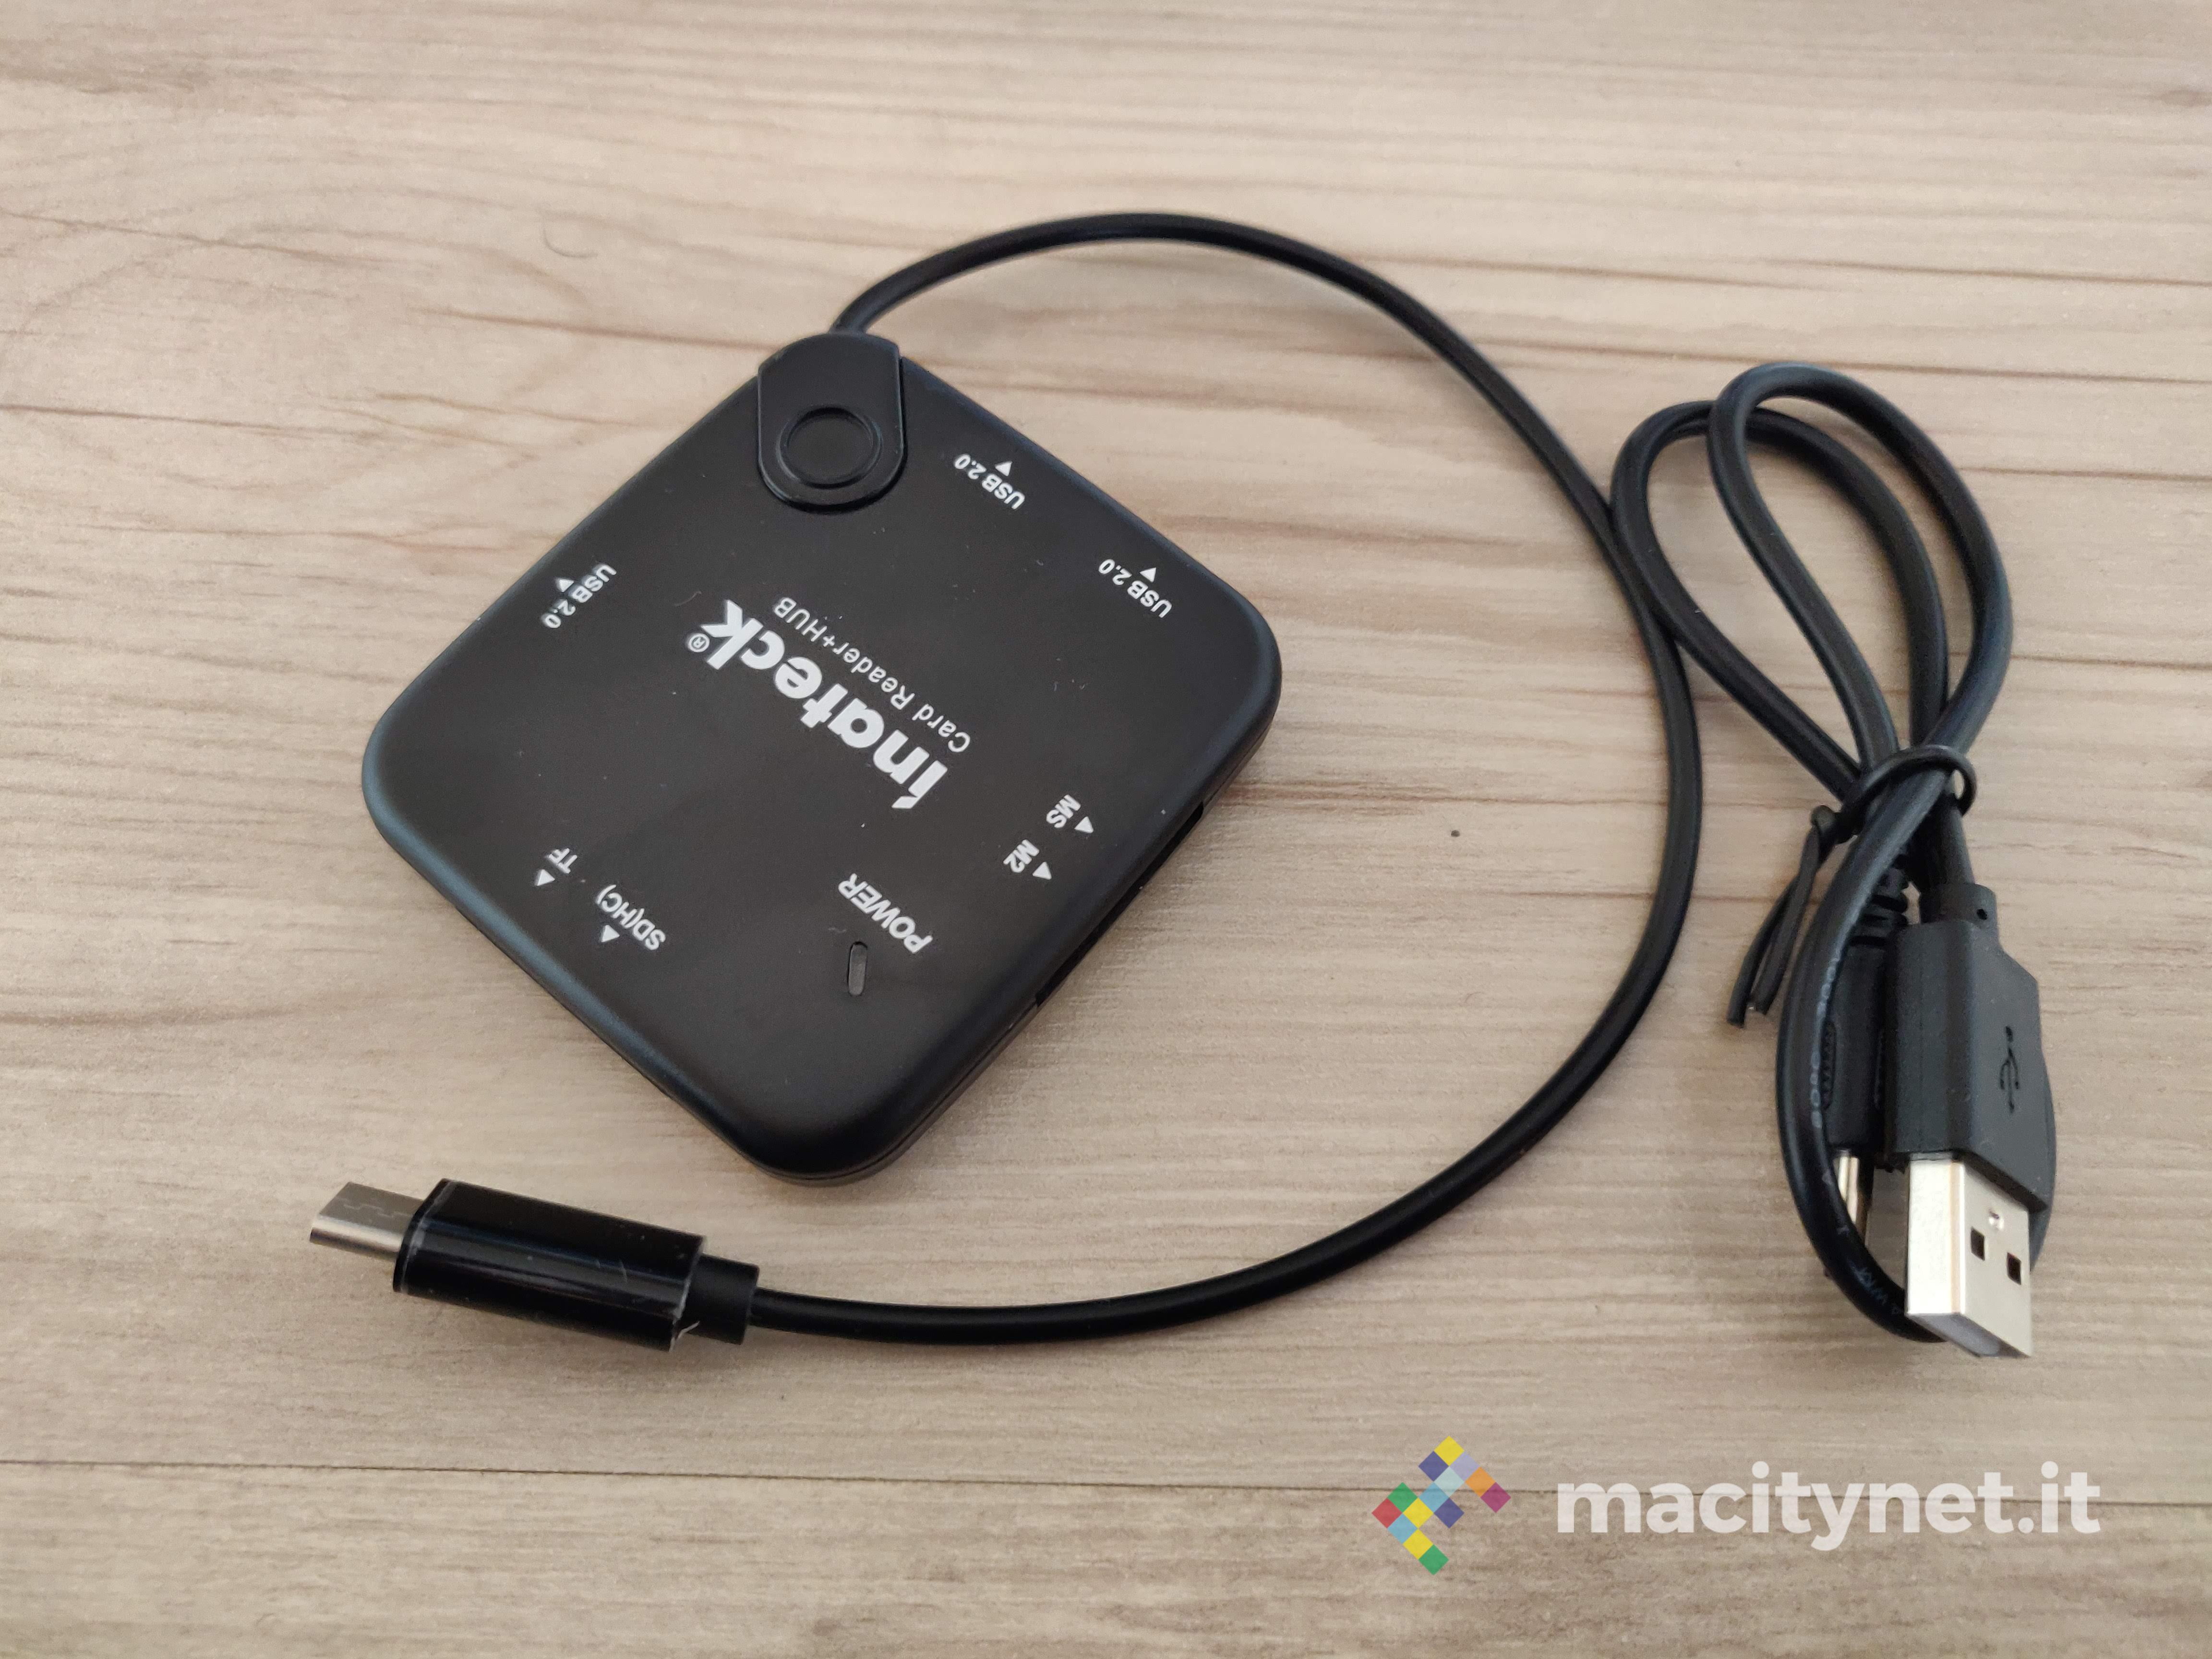 In prova Inateck Hub USB-C, per domare tutti i dispositici con USB Tipo C